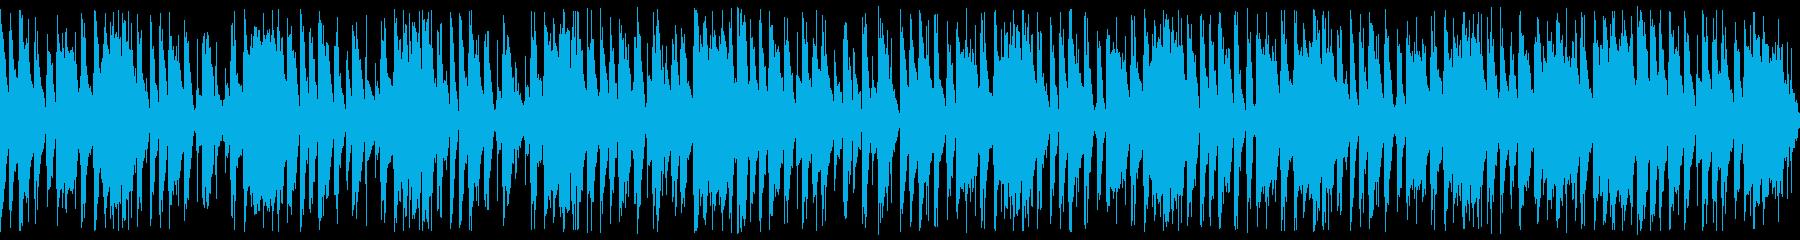 豪華で軽快ビッグバンドジャズ(ループの再生済みの波形